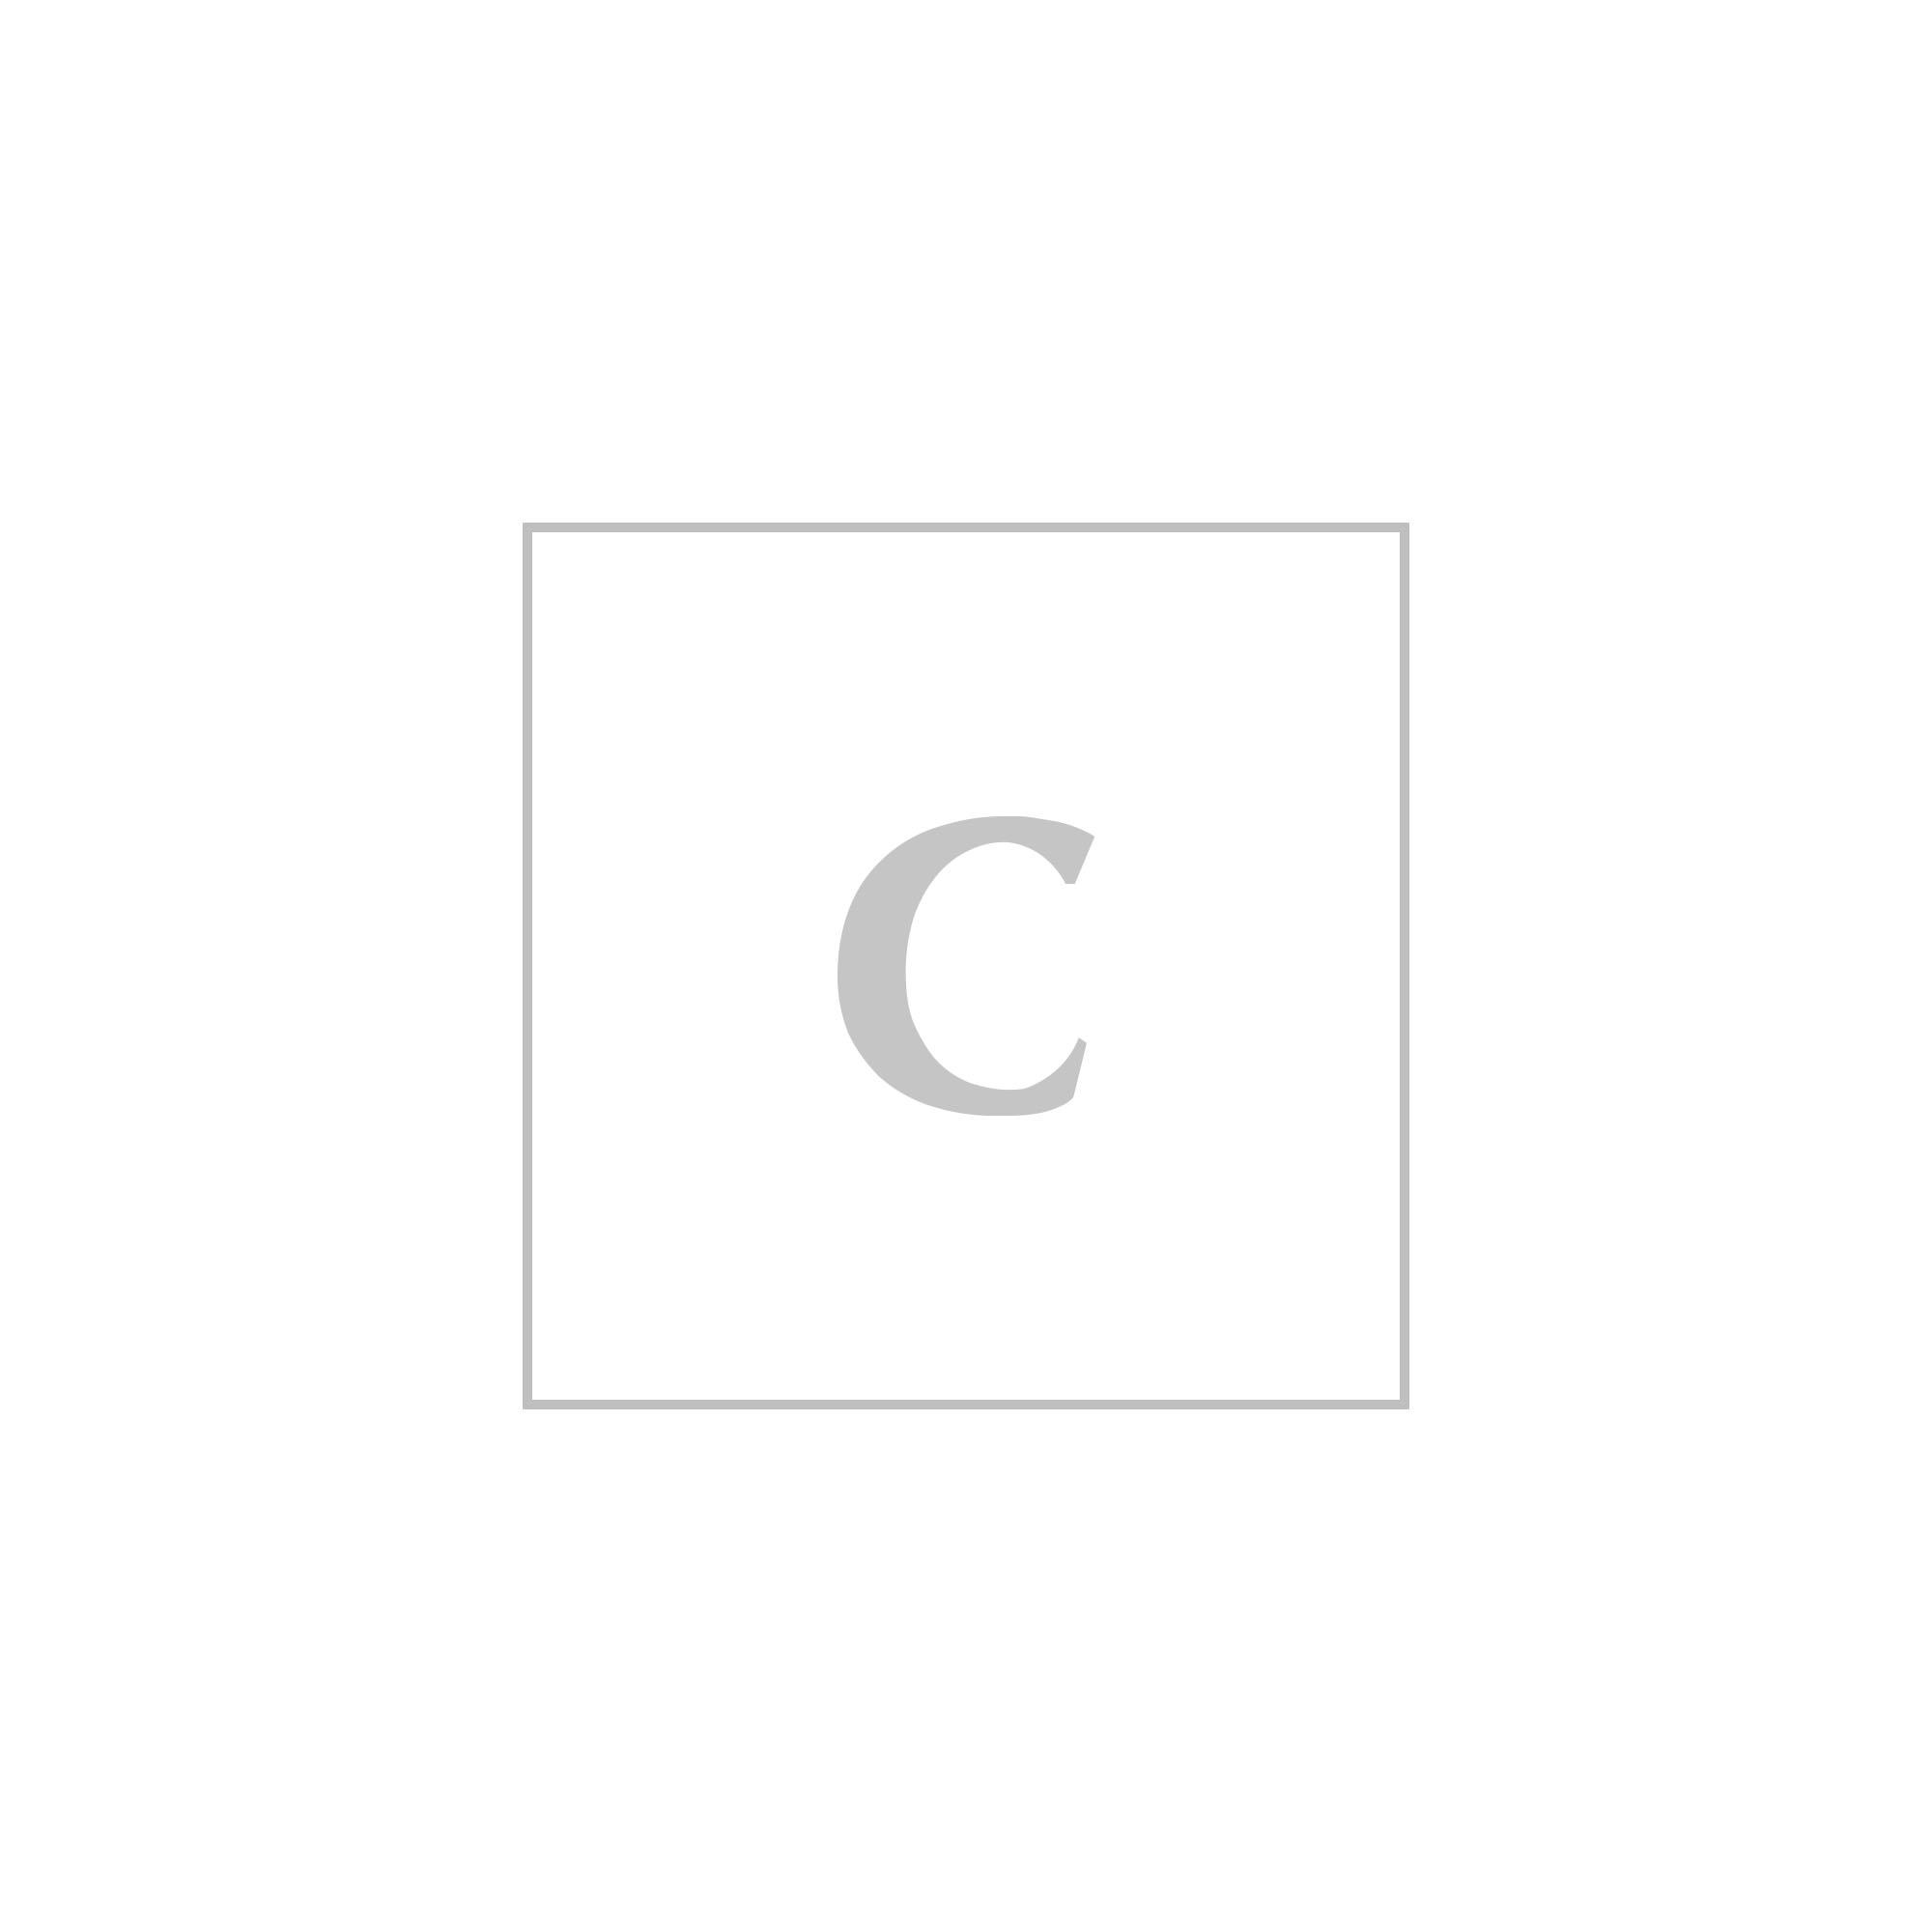 Salvatore ferragamo p.foglio 227121 191 tissu soft squadrato